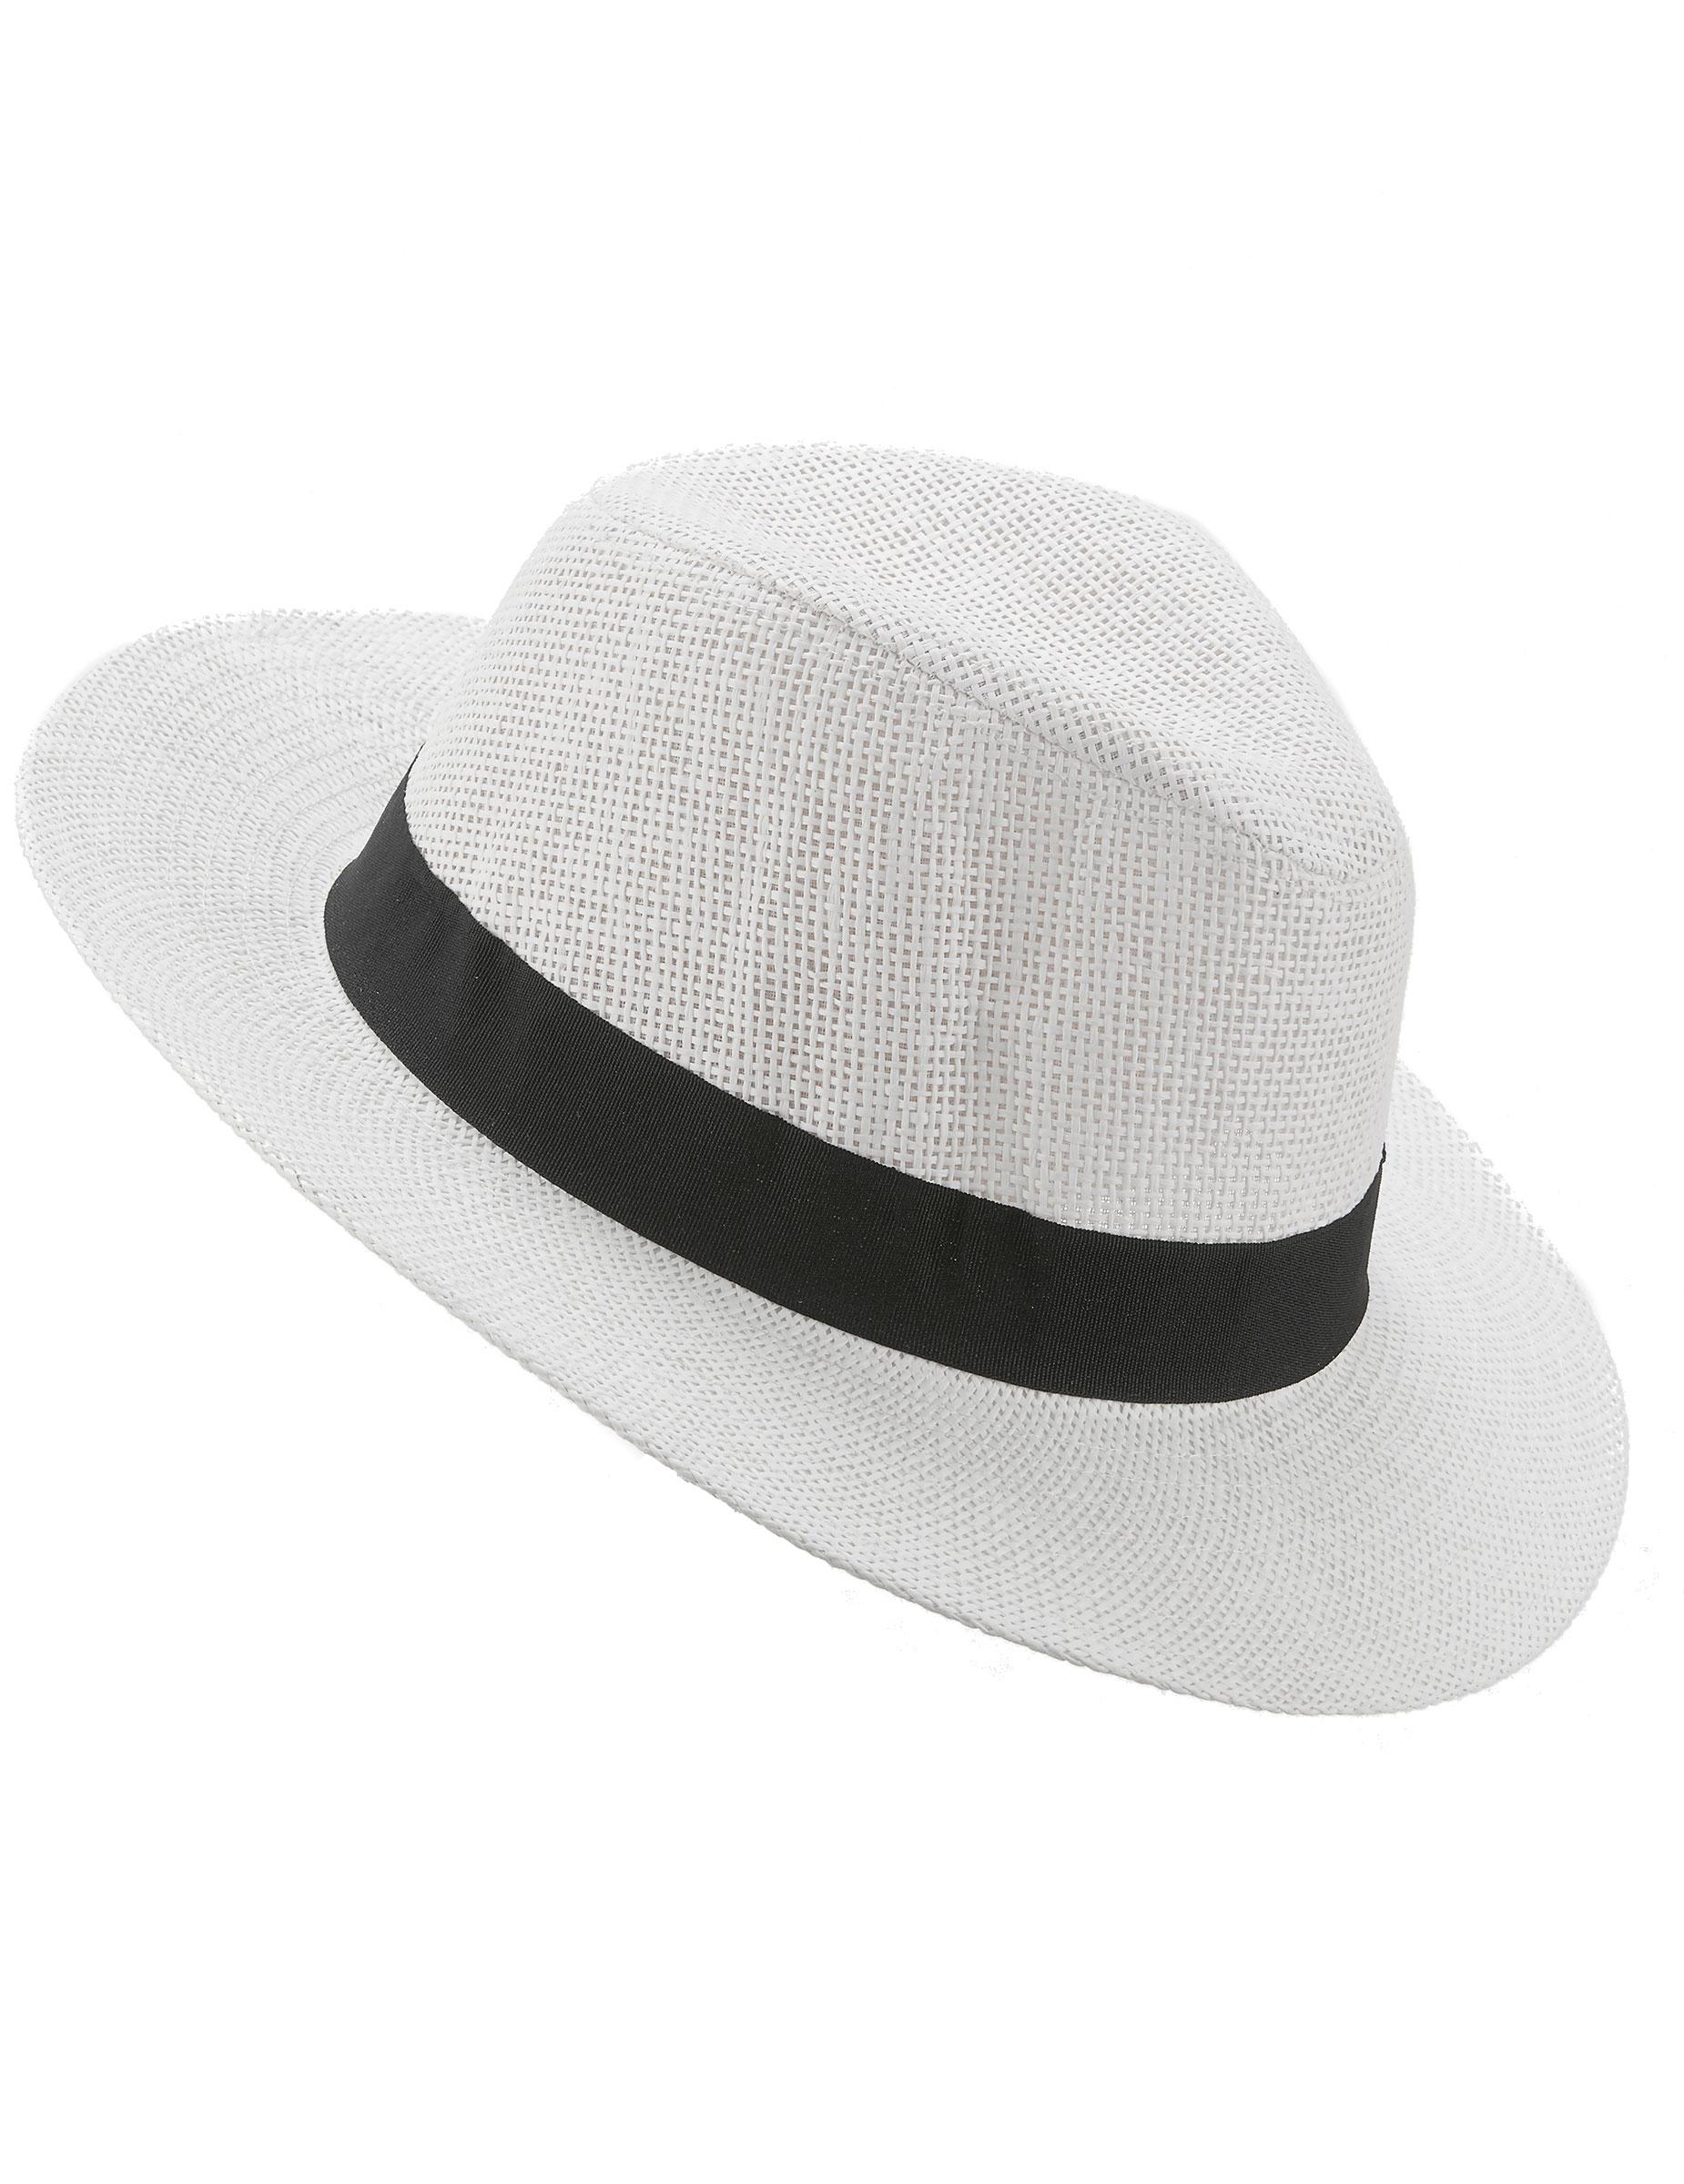 vente chaude boutique officielle de gros Chapeau Panama blanc avec bande noire adulte